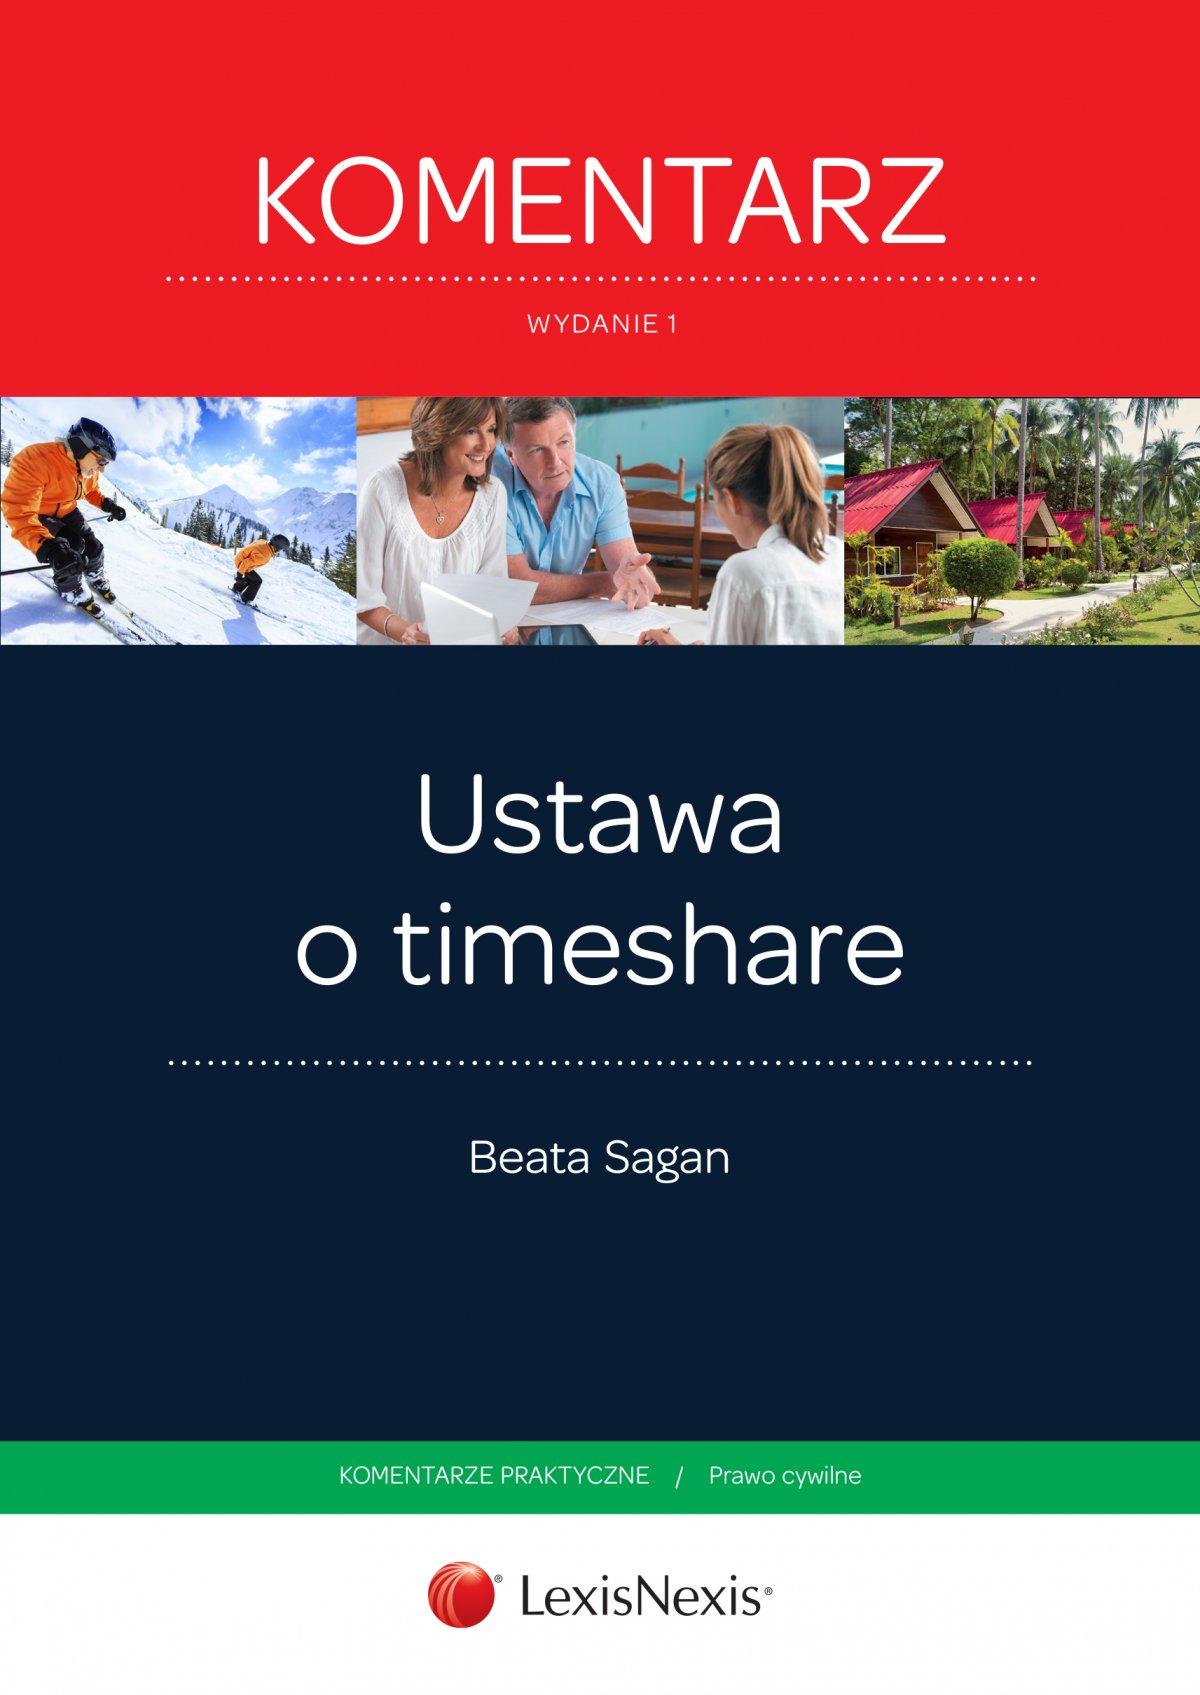 Ustawa o timeshare. Komentarz. Wydanie 1 - Ebook (Książka EPUB) do pobrania w formacie EPUB